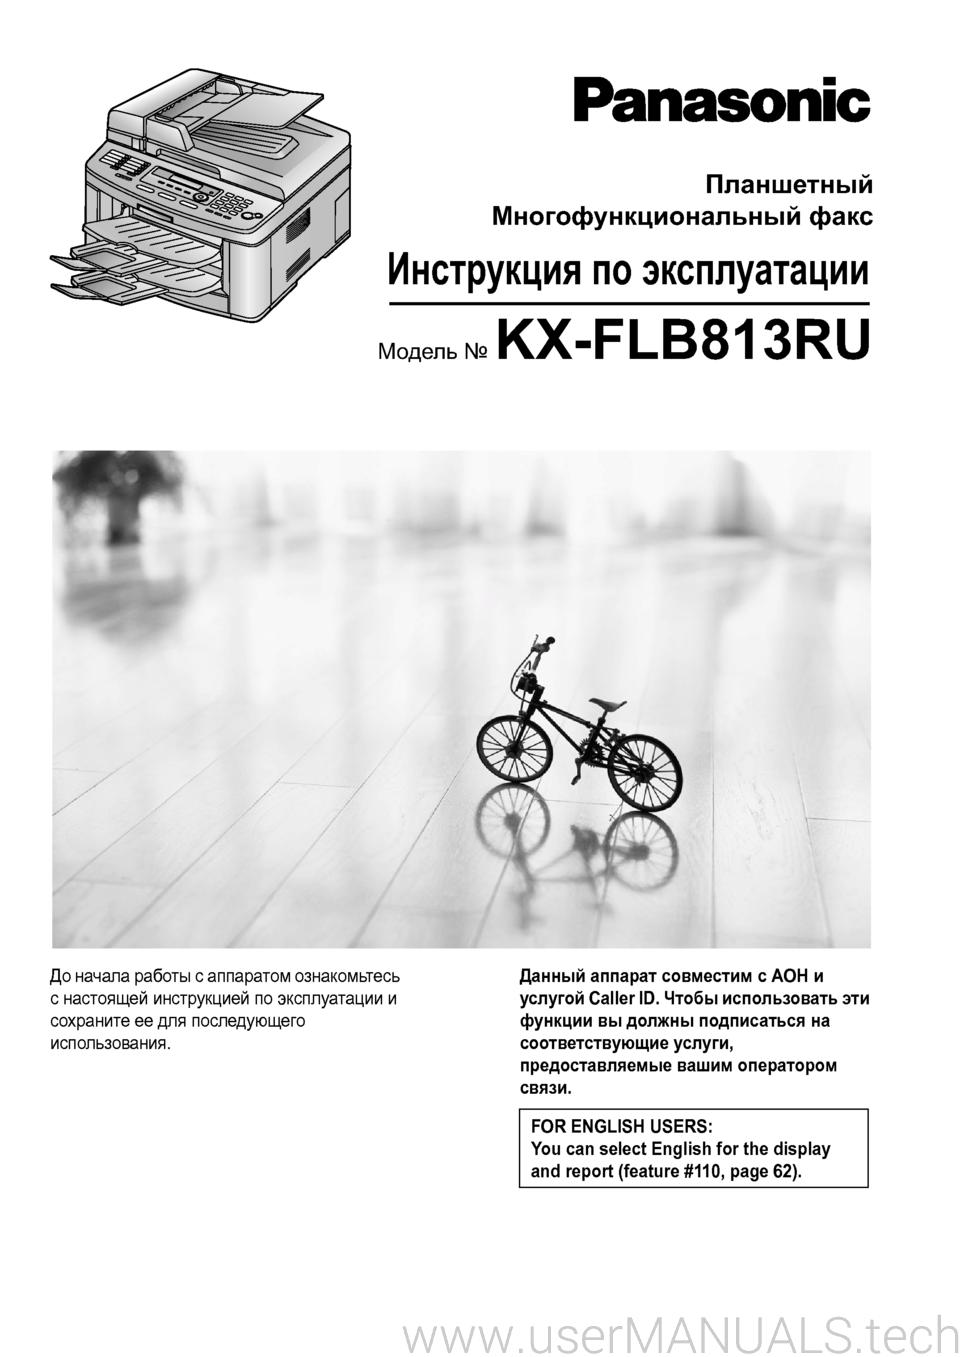 Инструкция panasonic kx flb813